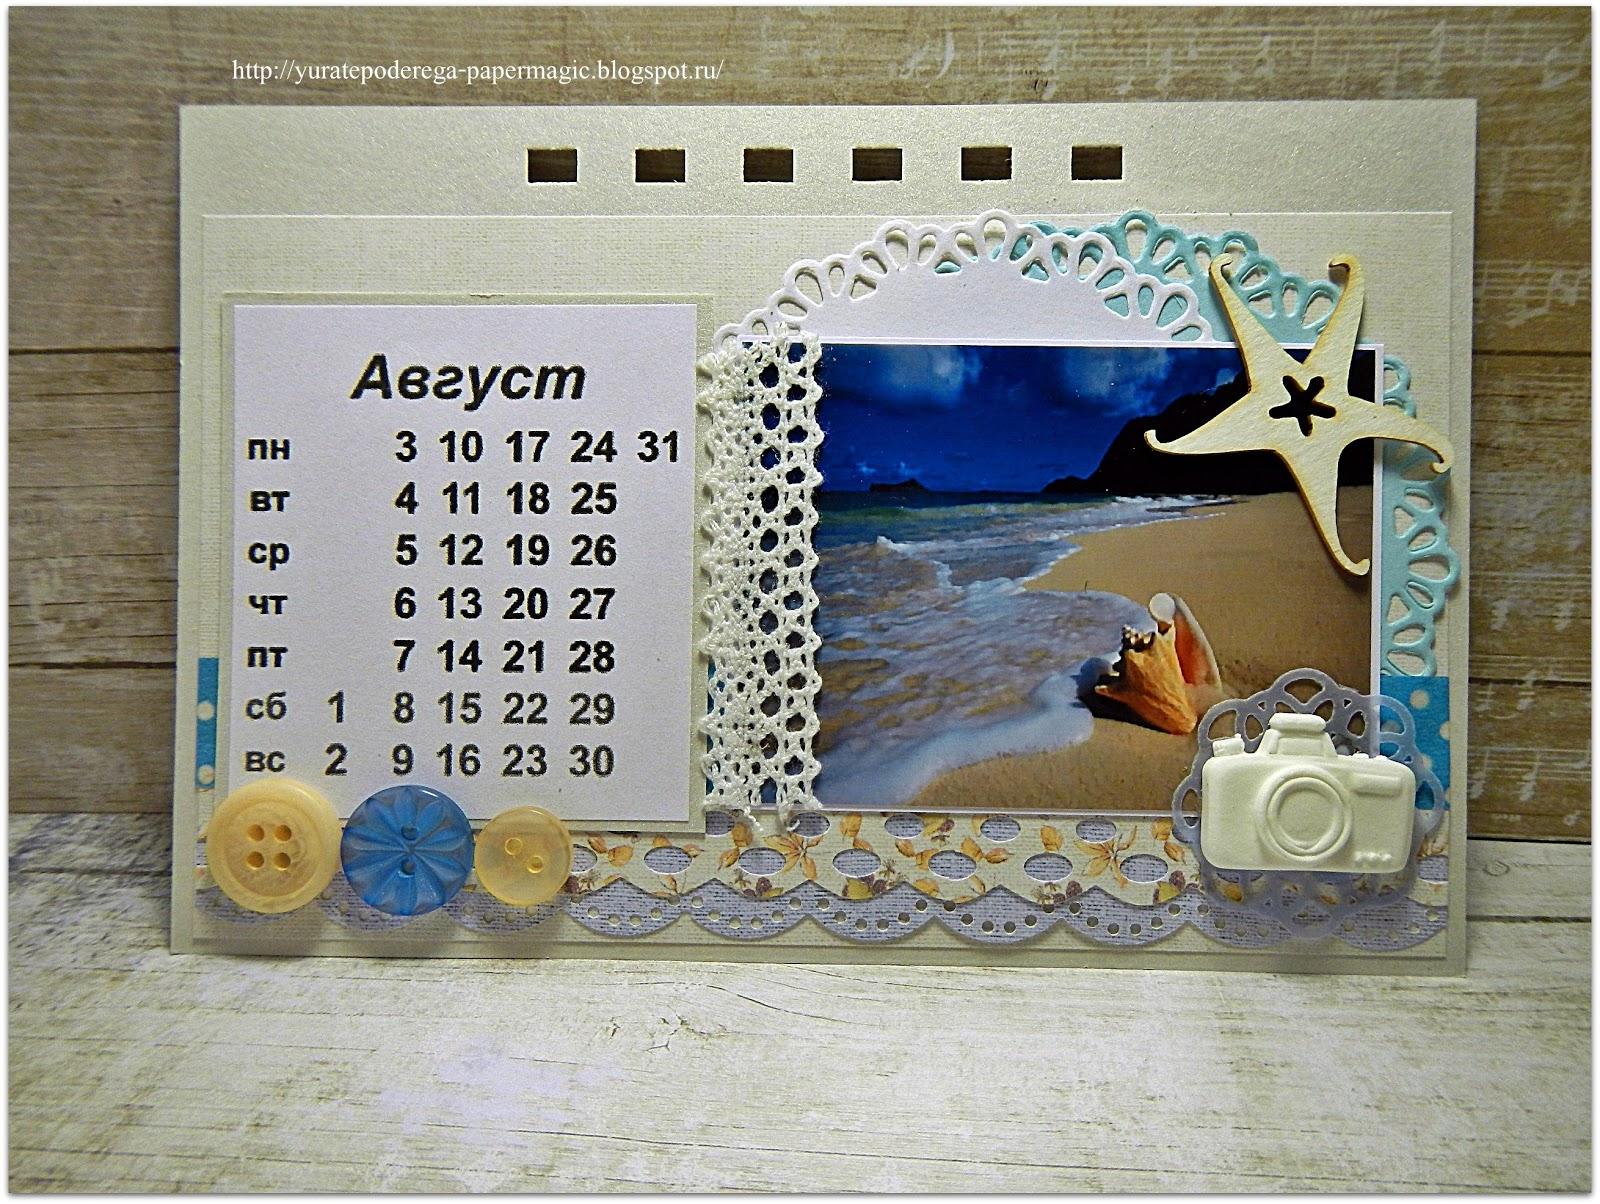 Программа фотоальбом календарь своими руками 90